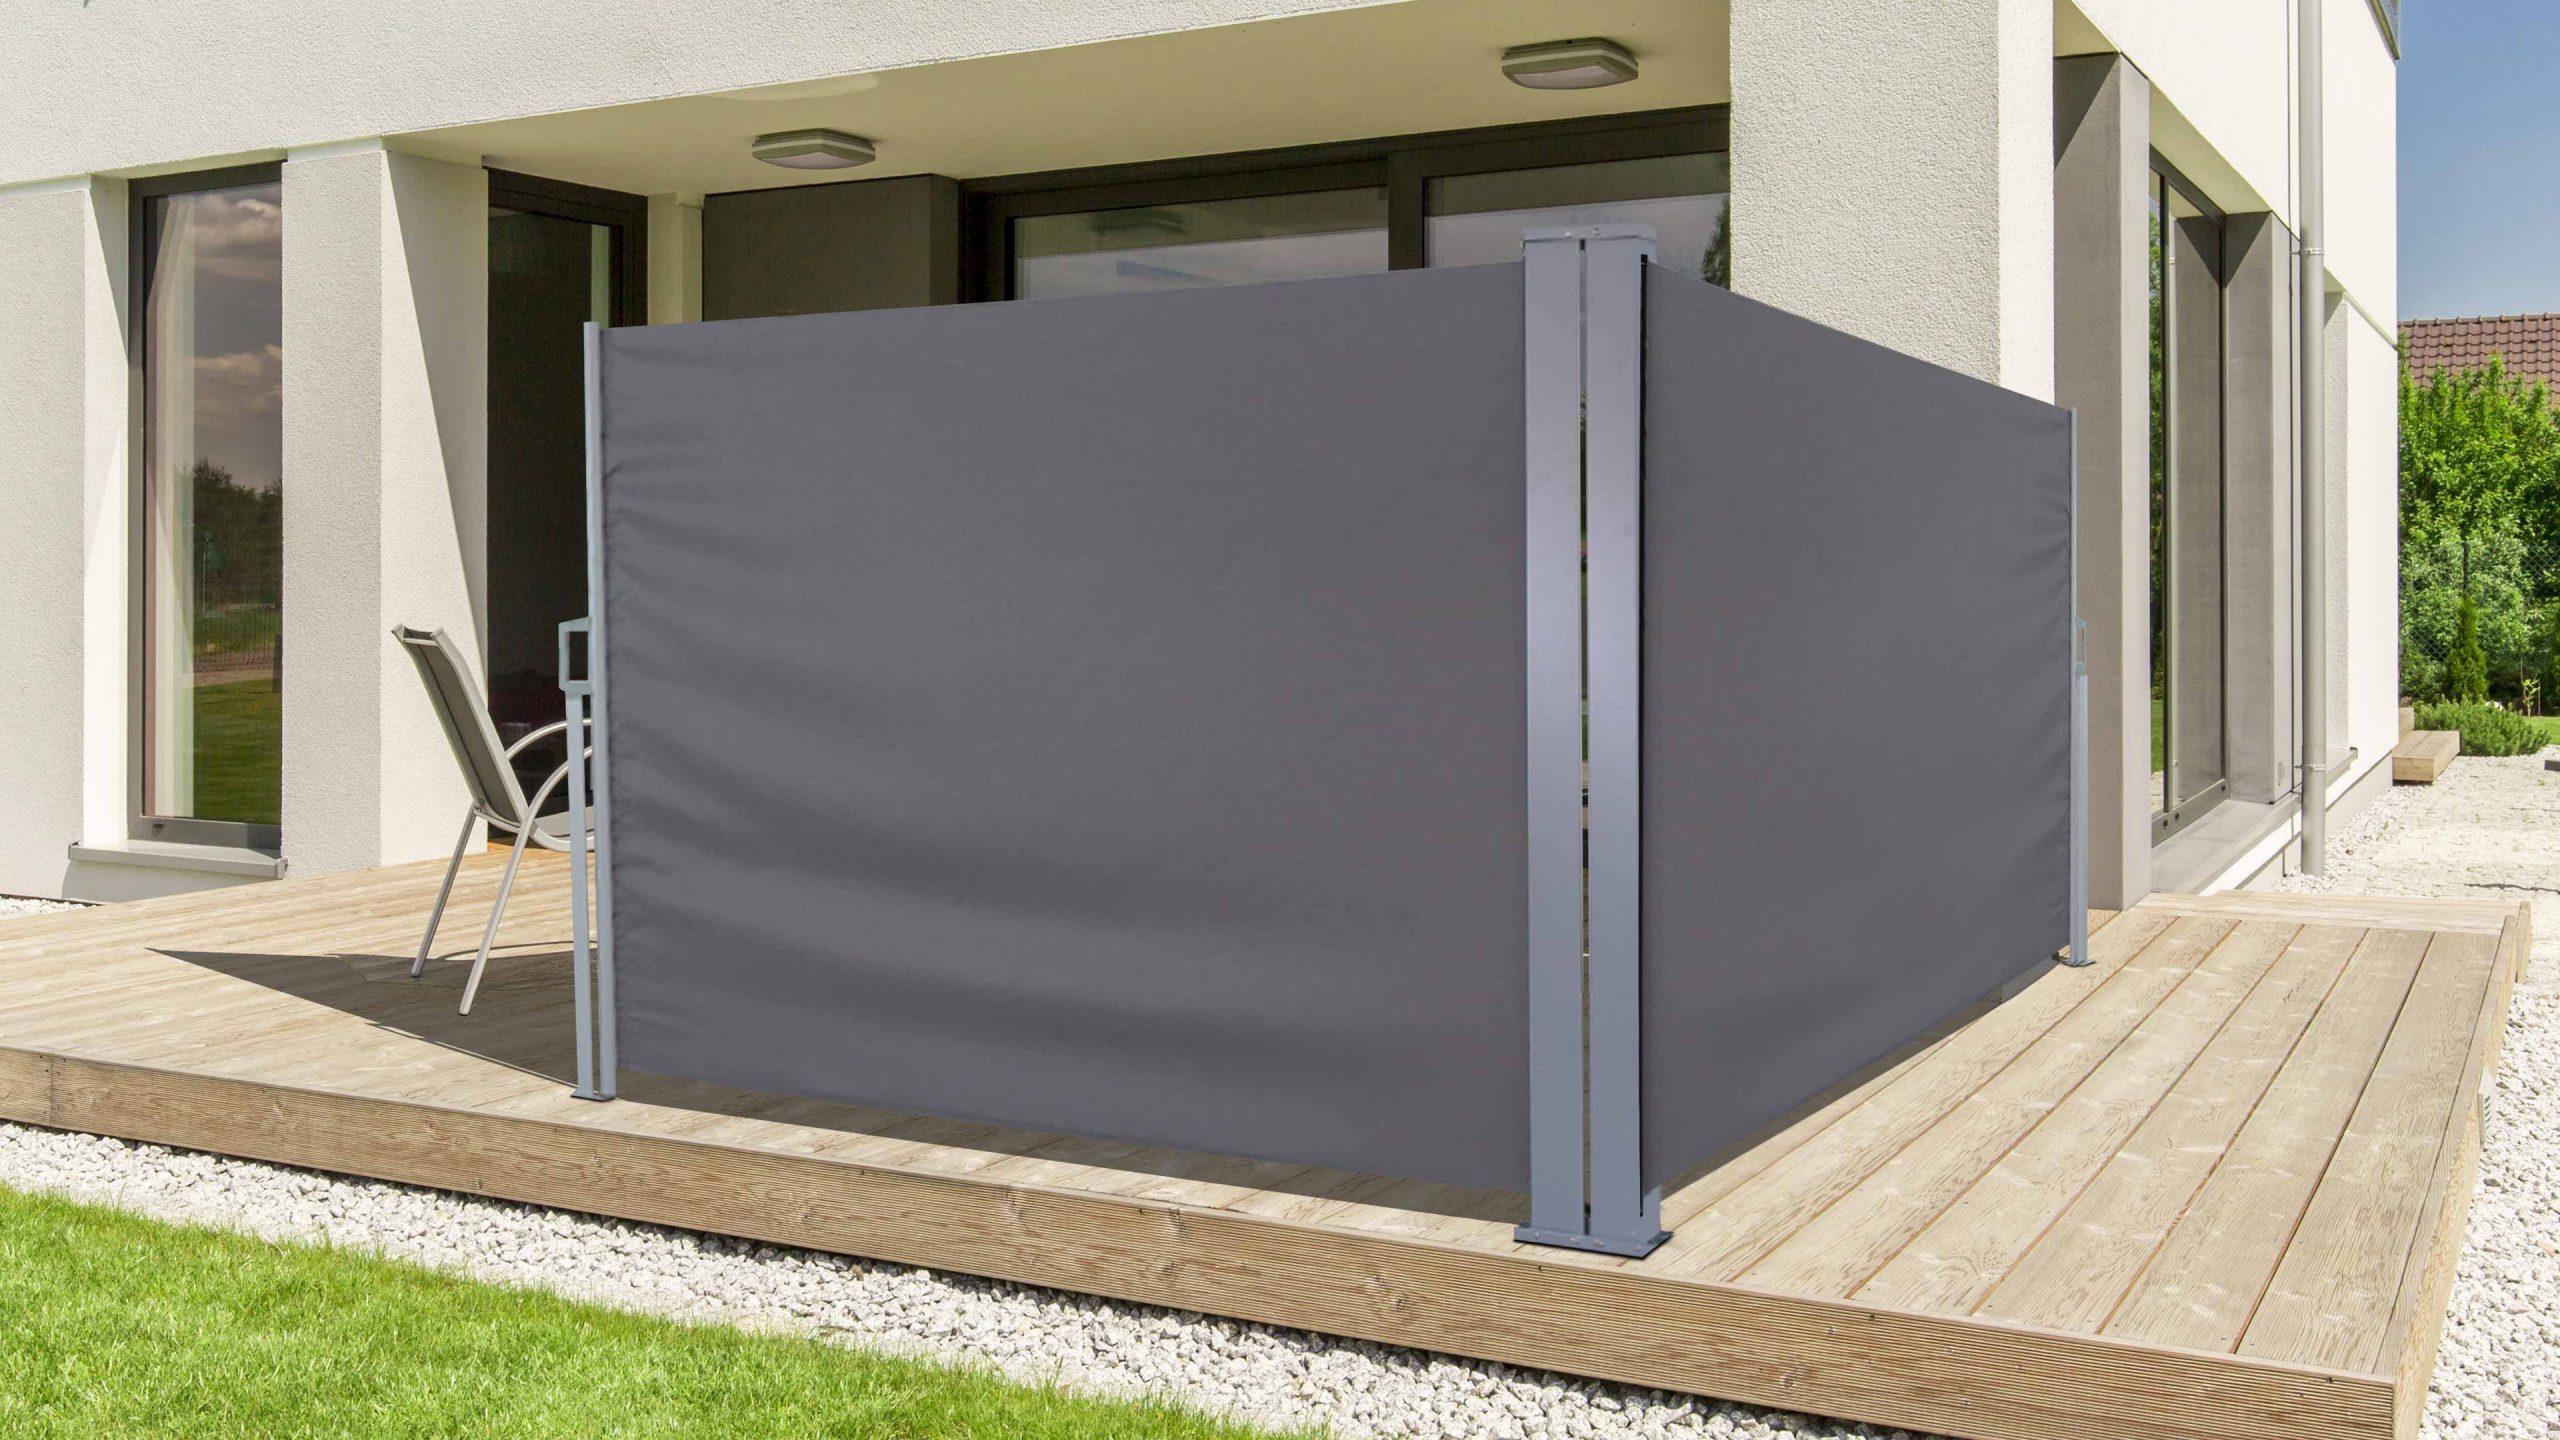 New Brise Vue Enroulable 4M | House, Home, Retractable Awning concernant Planche Douglas 4M Castorama